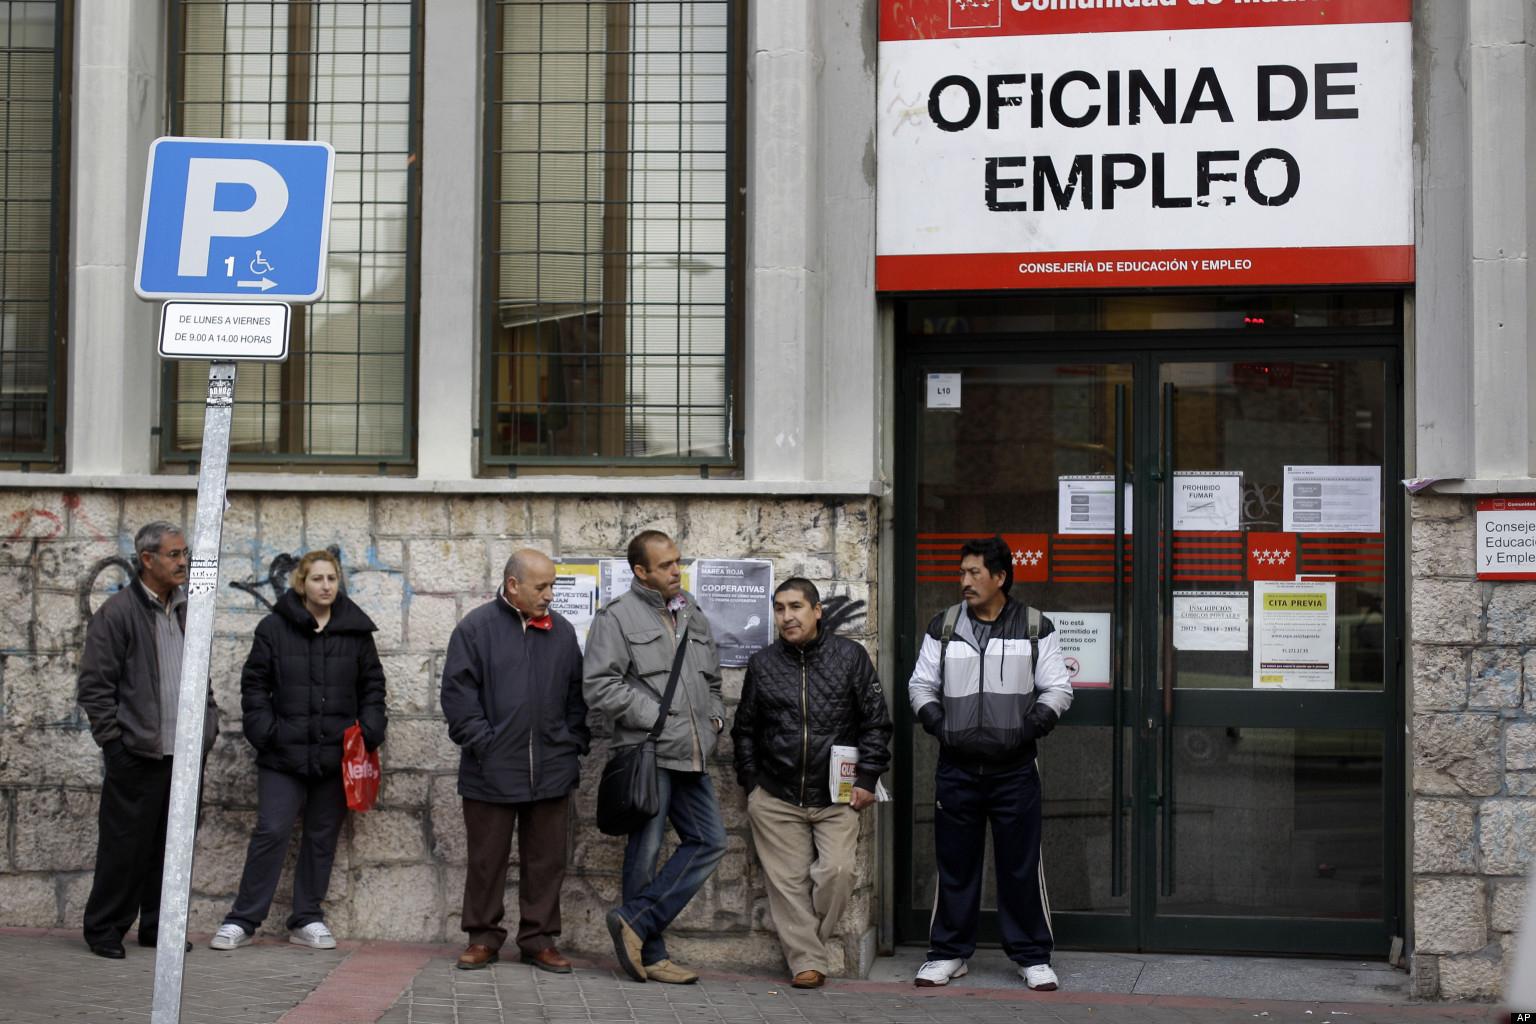 Lý do tỷ lệ thất nghiệp của EU chỉ bằng nửa Hoa Kỳ